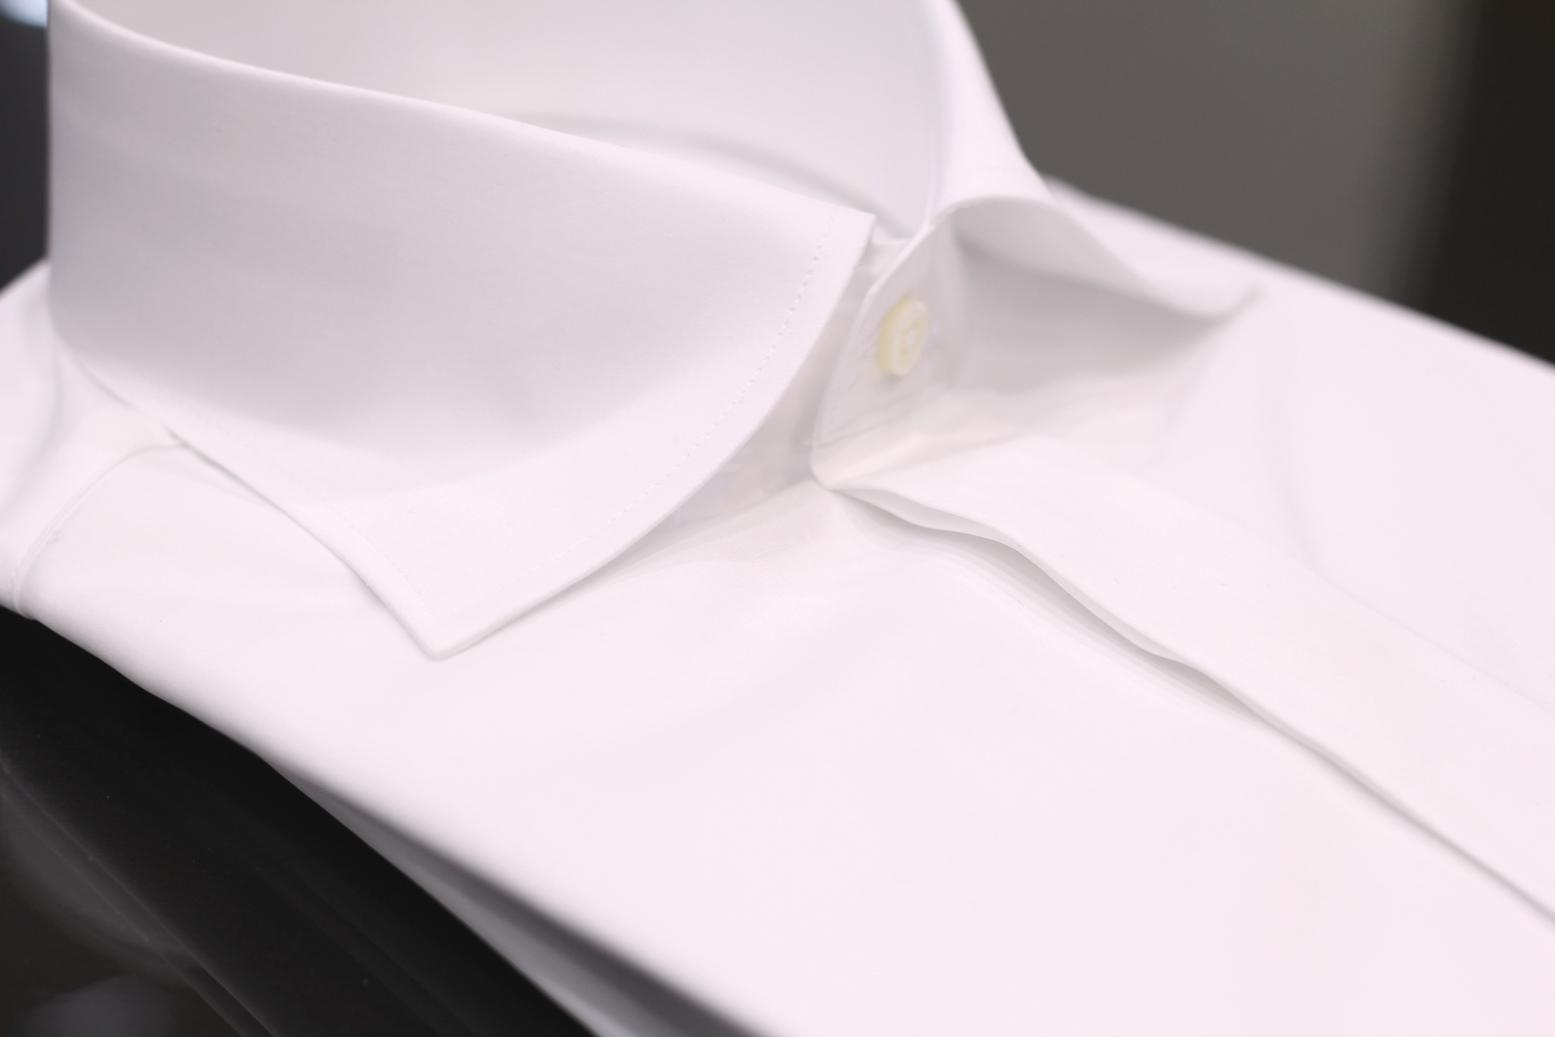 テーラーフクオカ カルロリーバ  CarloRiva オーダーシャツ shirt shirting ワイドカラー 比翼仕立て(フライフロント)